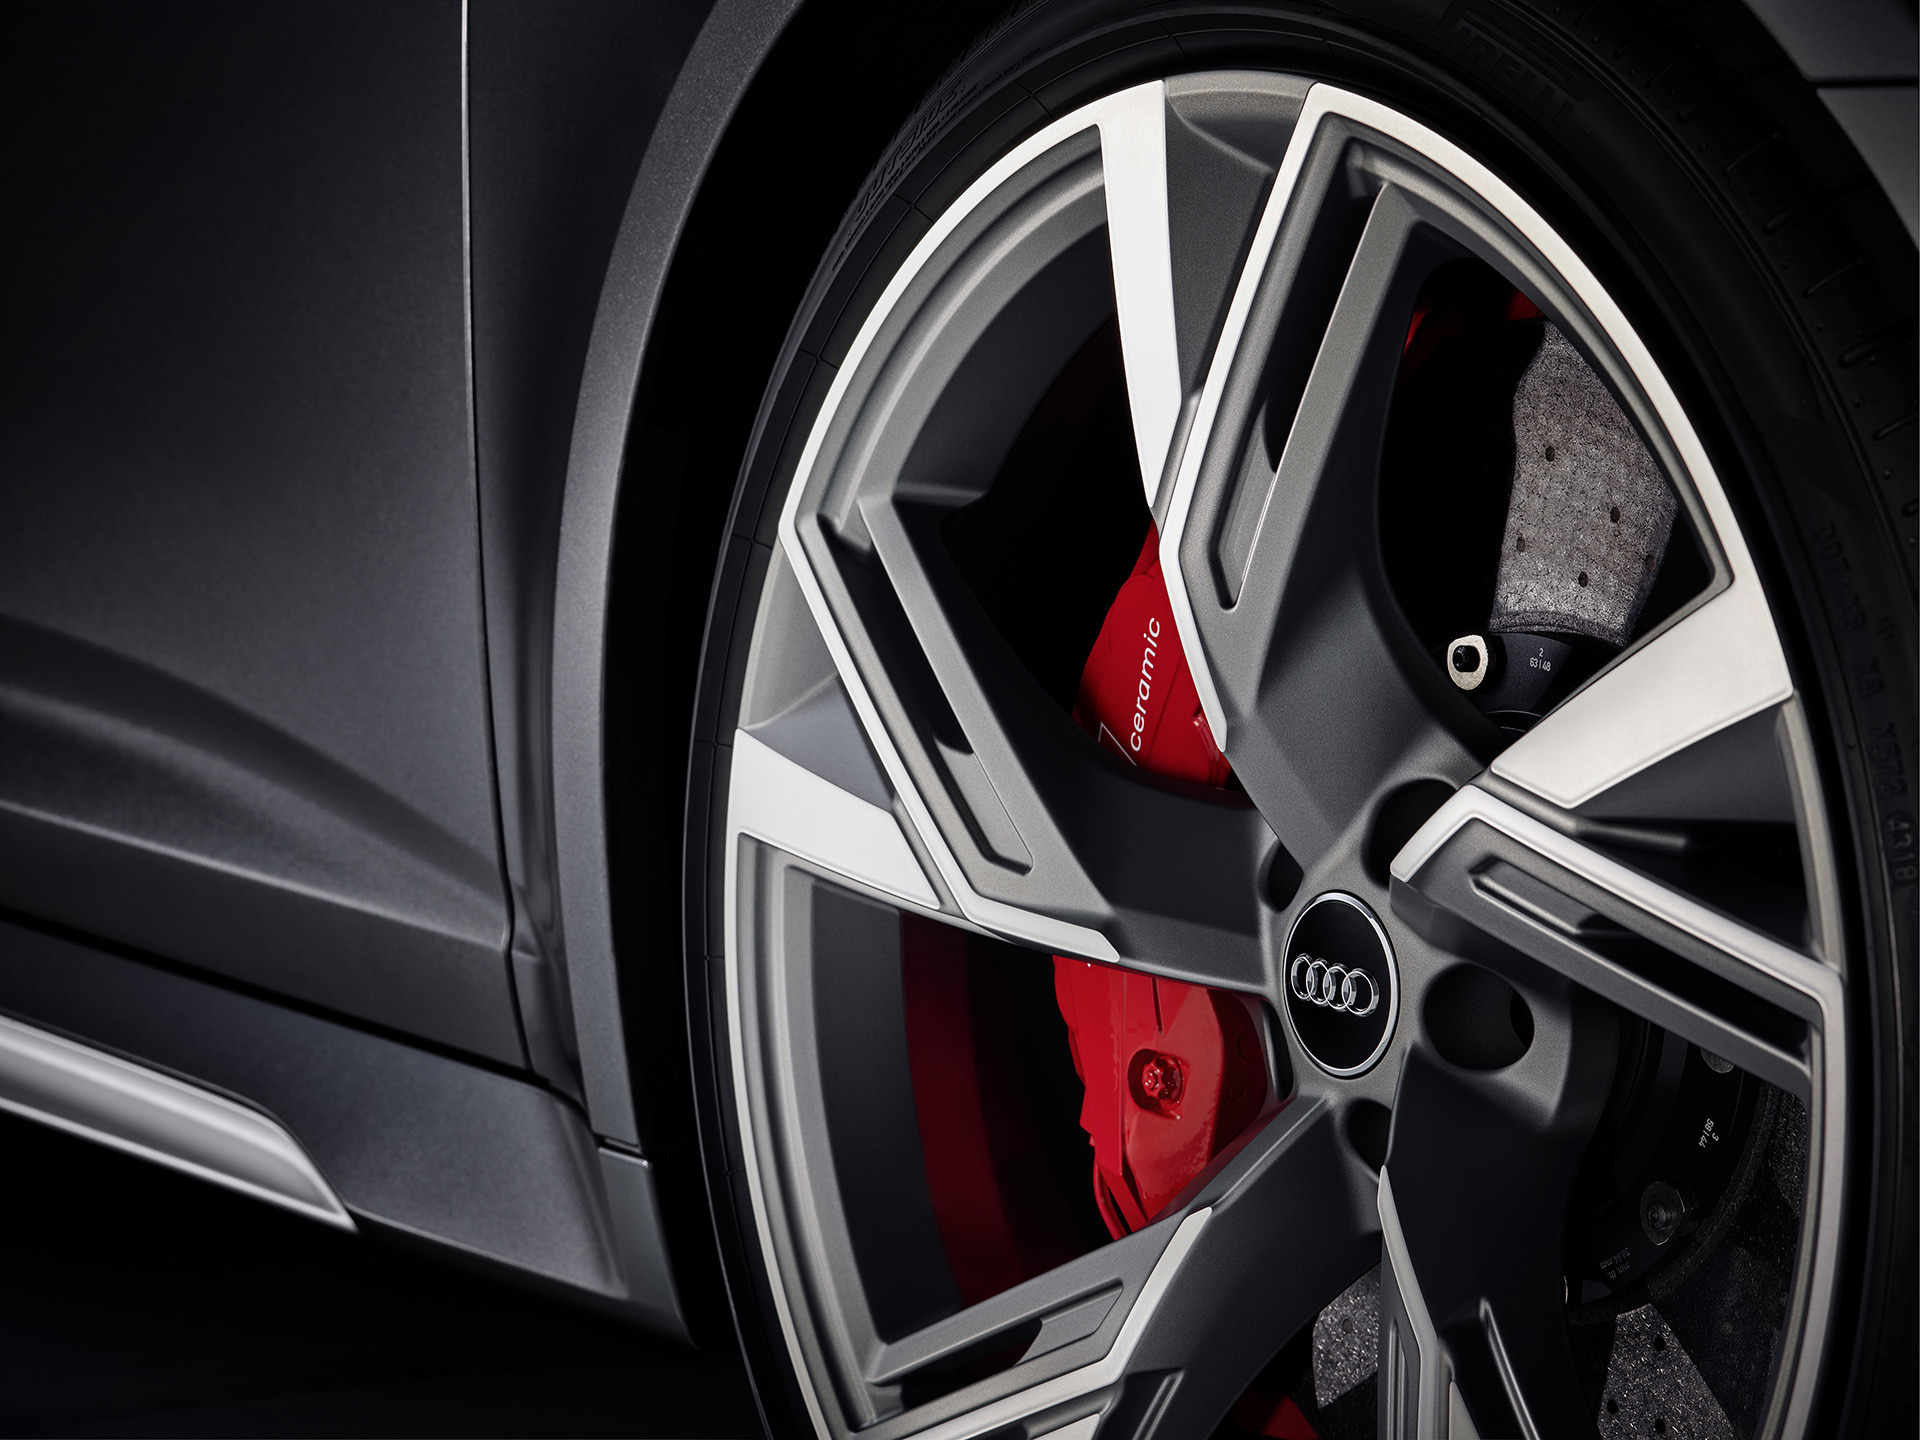 Audi Rs6 Avant 2020 6126 Rs60000012